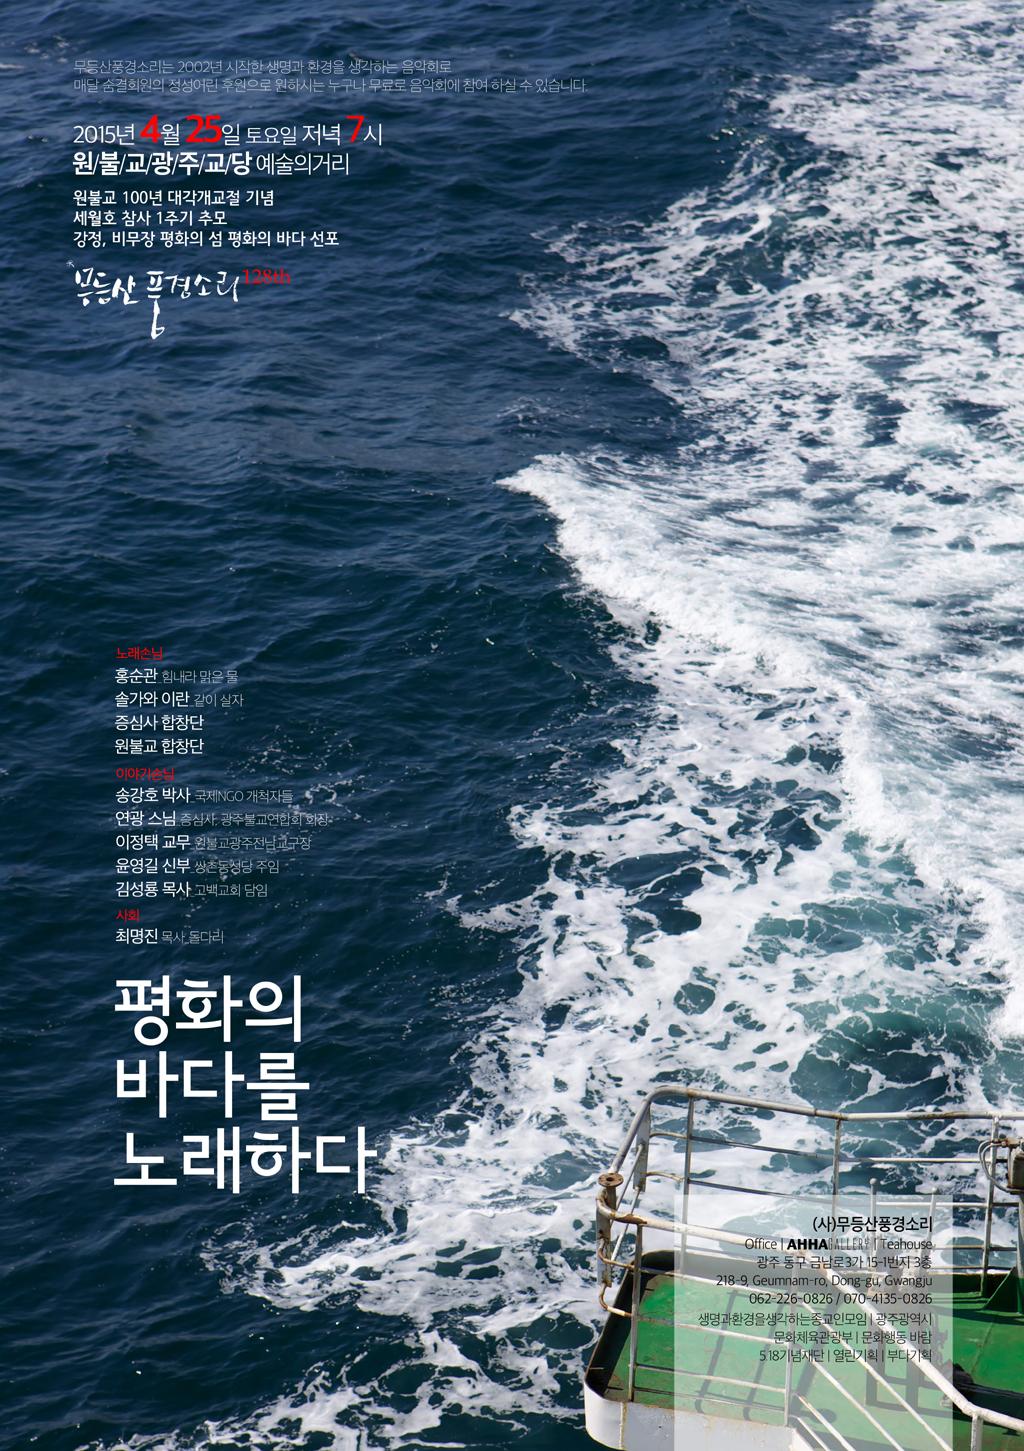 평화의바다콘서트.jpg